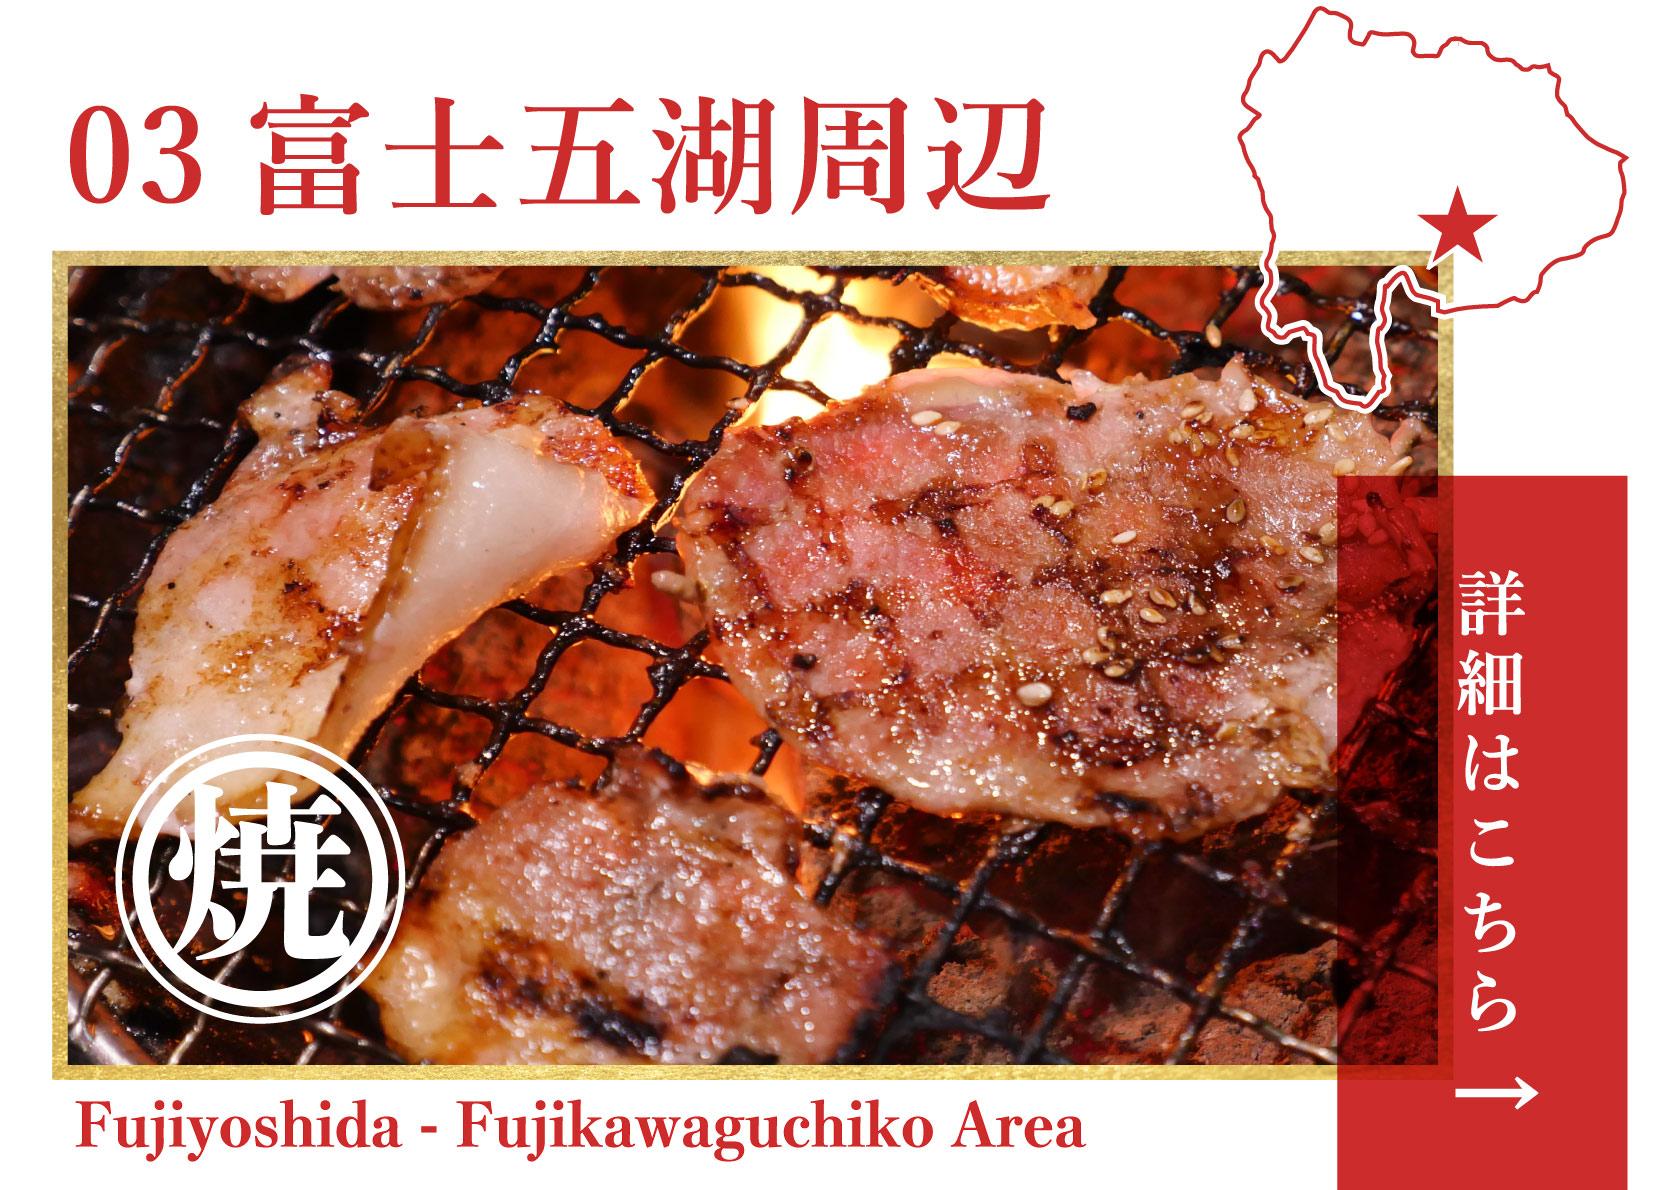 富士五湖周辺〜富士吉田市・富士河口湖町〜の焼肉店の詳細をみる